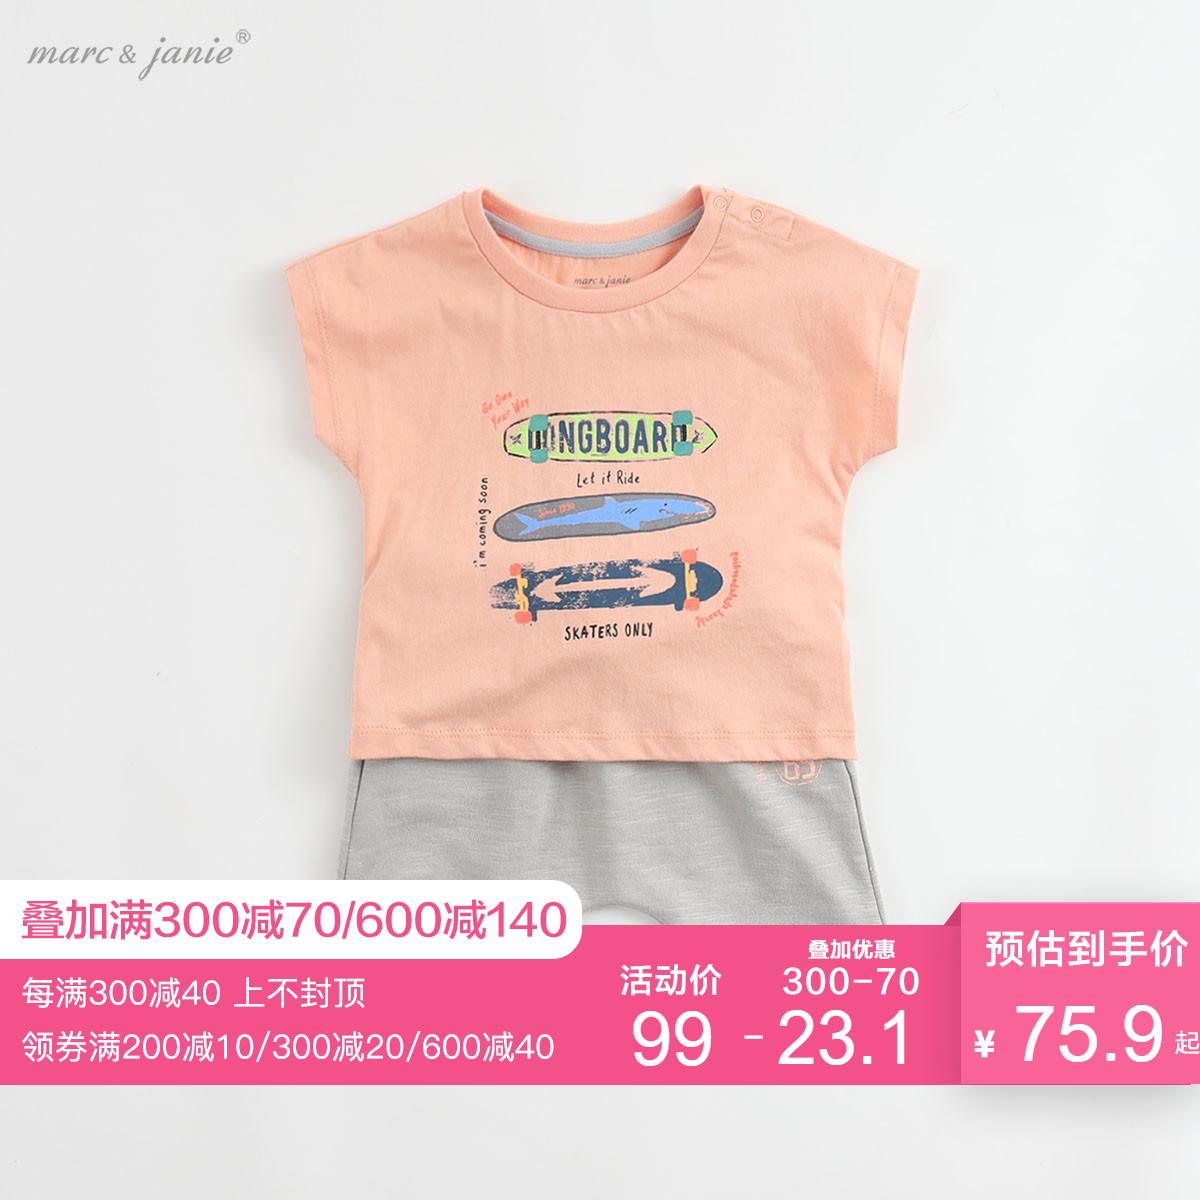 【12款可选】马克珍妮夏装 男童短袖套装 宝宝夏季薄款套装17719